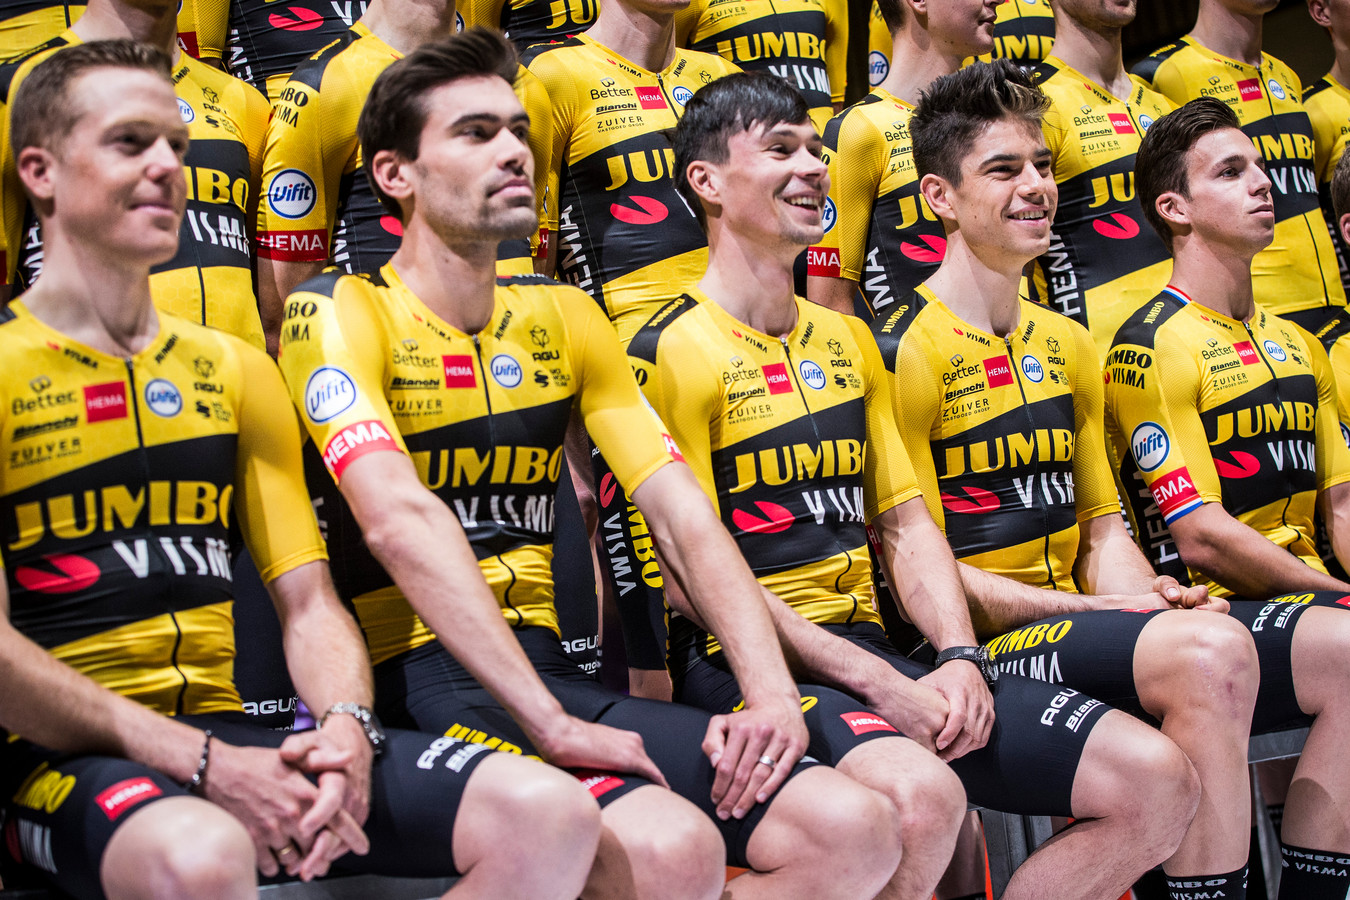 Tom Dumoulin (tweede van links) bij de presentatie van Team Jumbo-Visma.